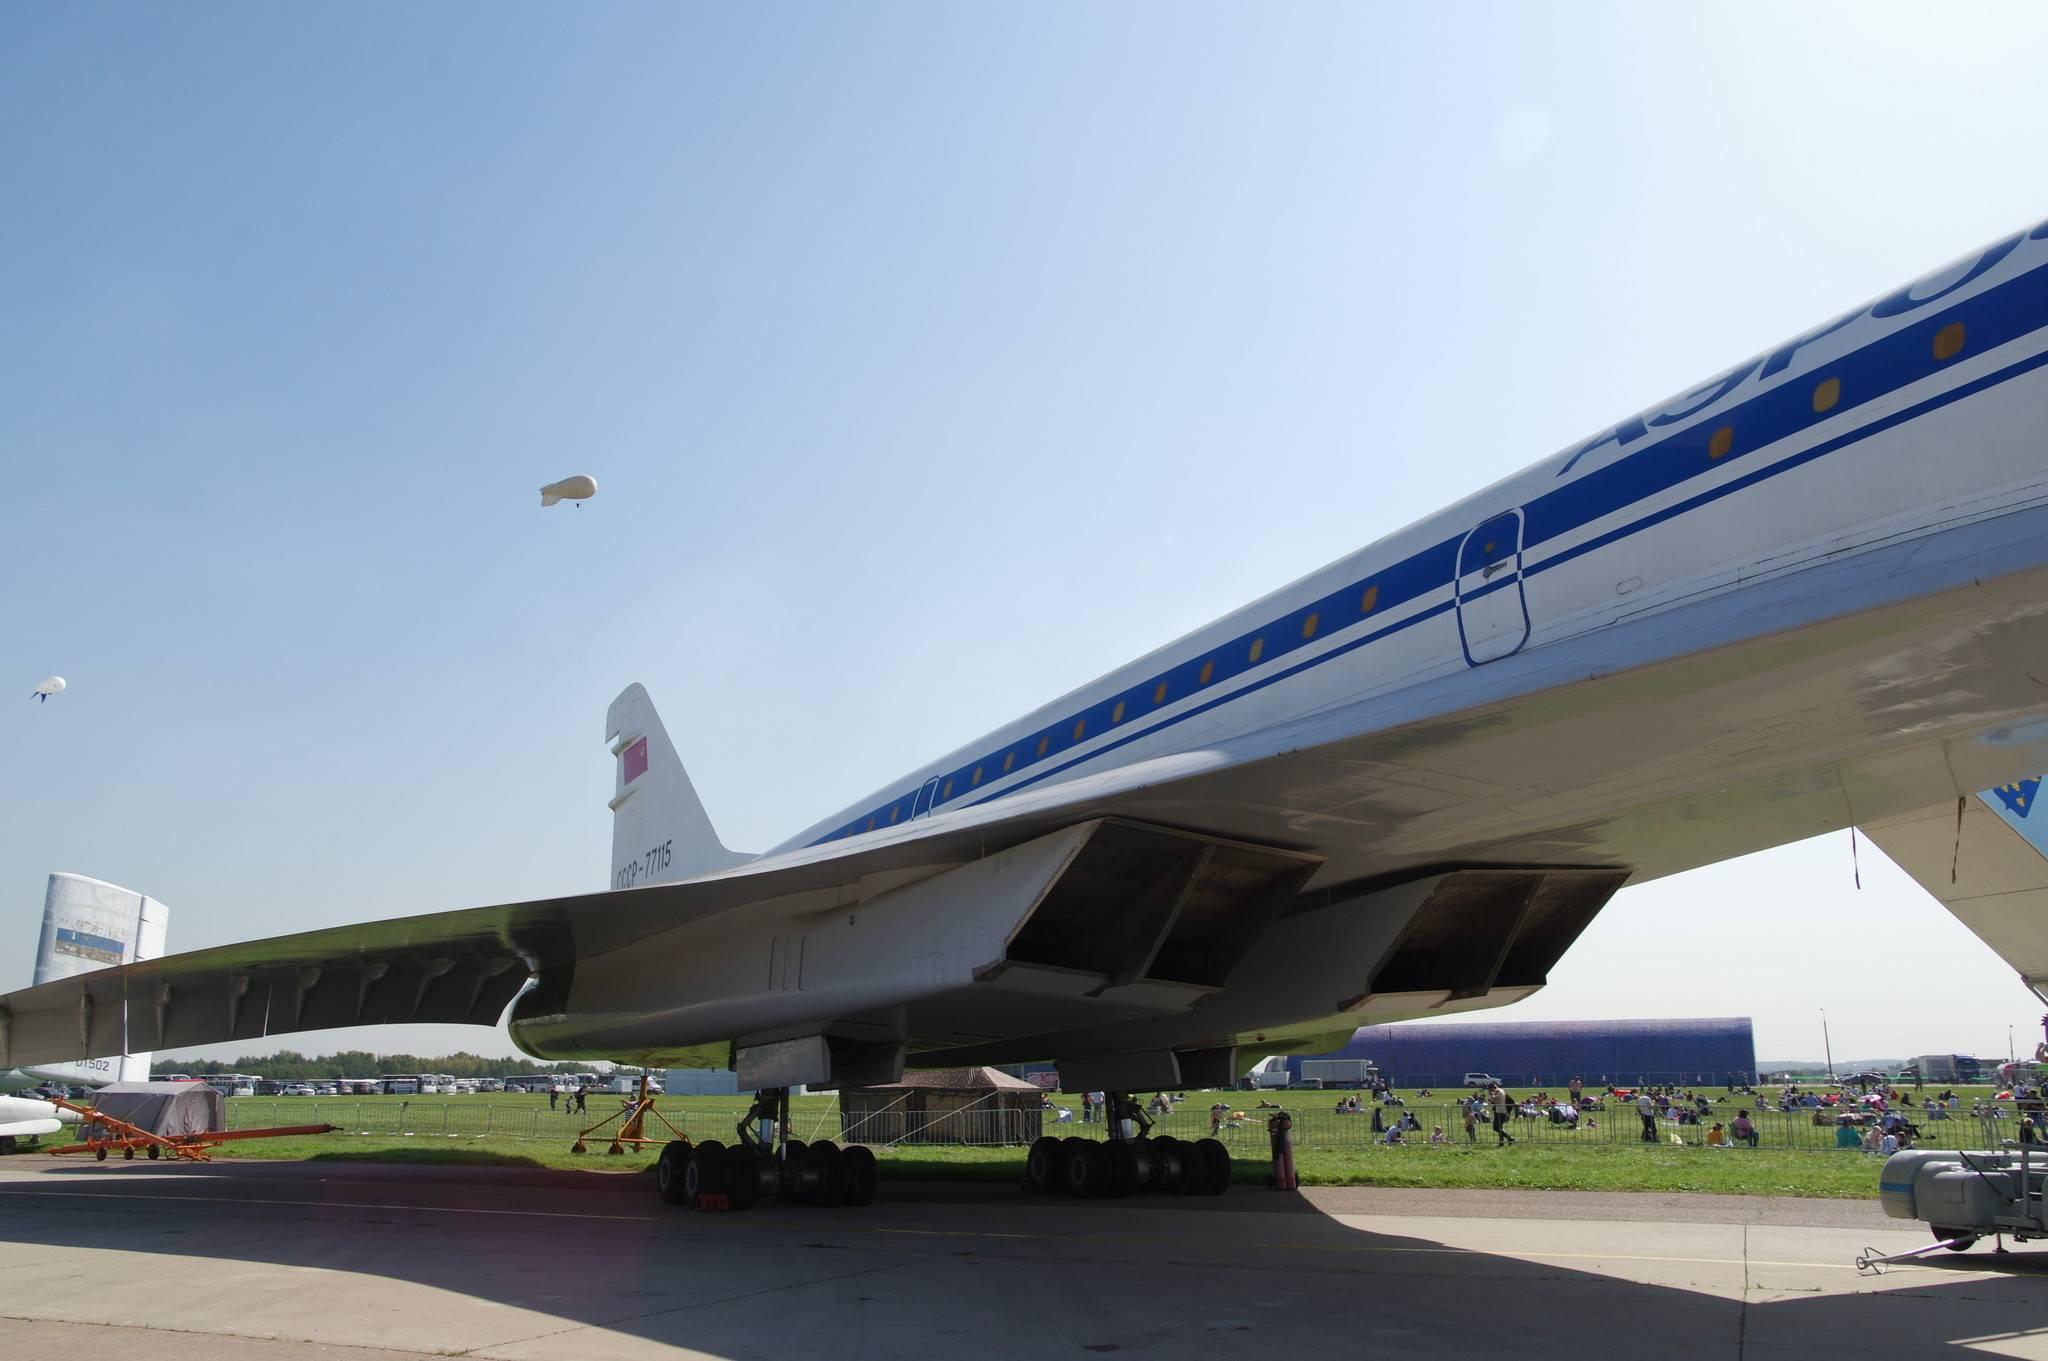 Самолет ту-144 опередил свое время, но стал ненужным